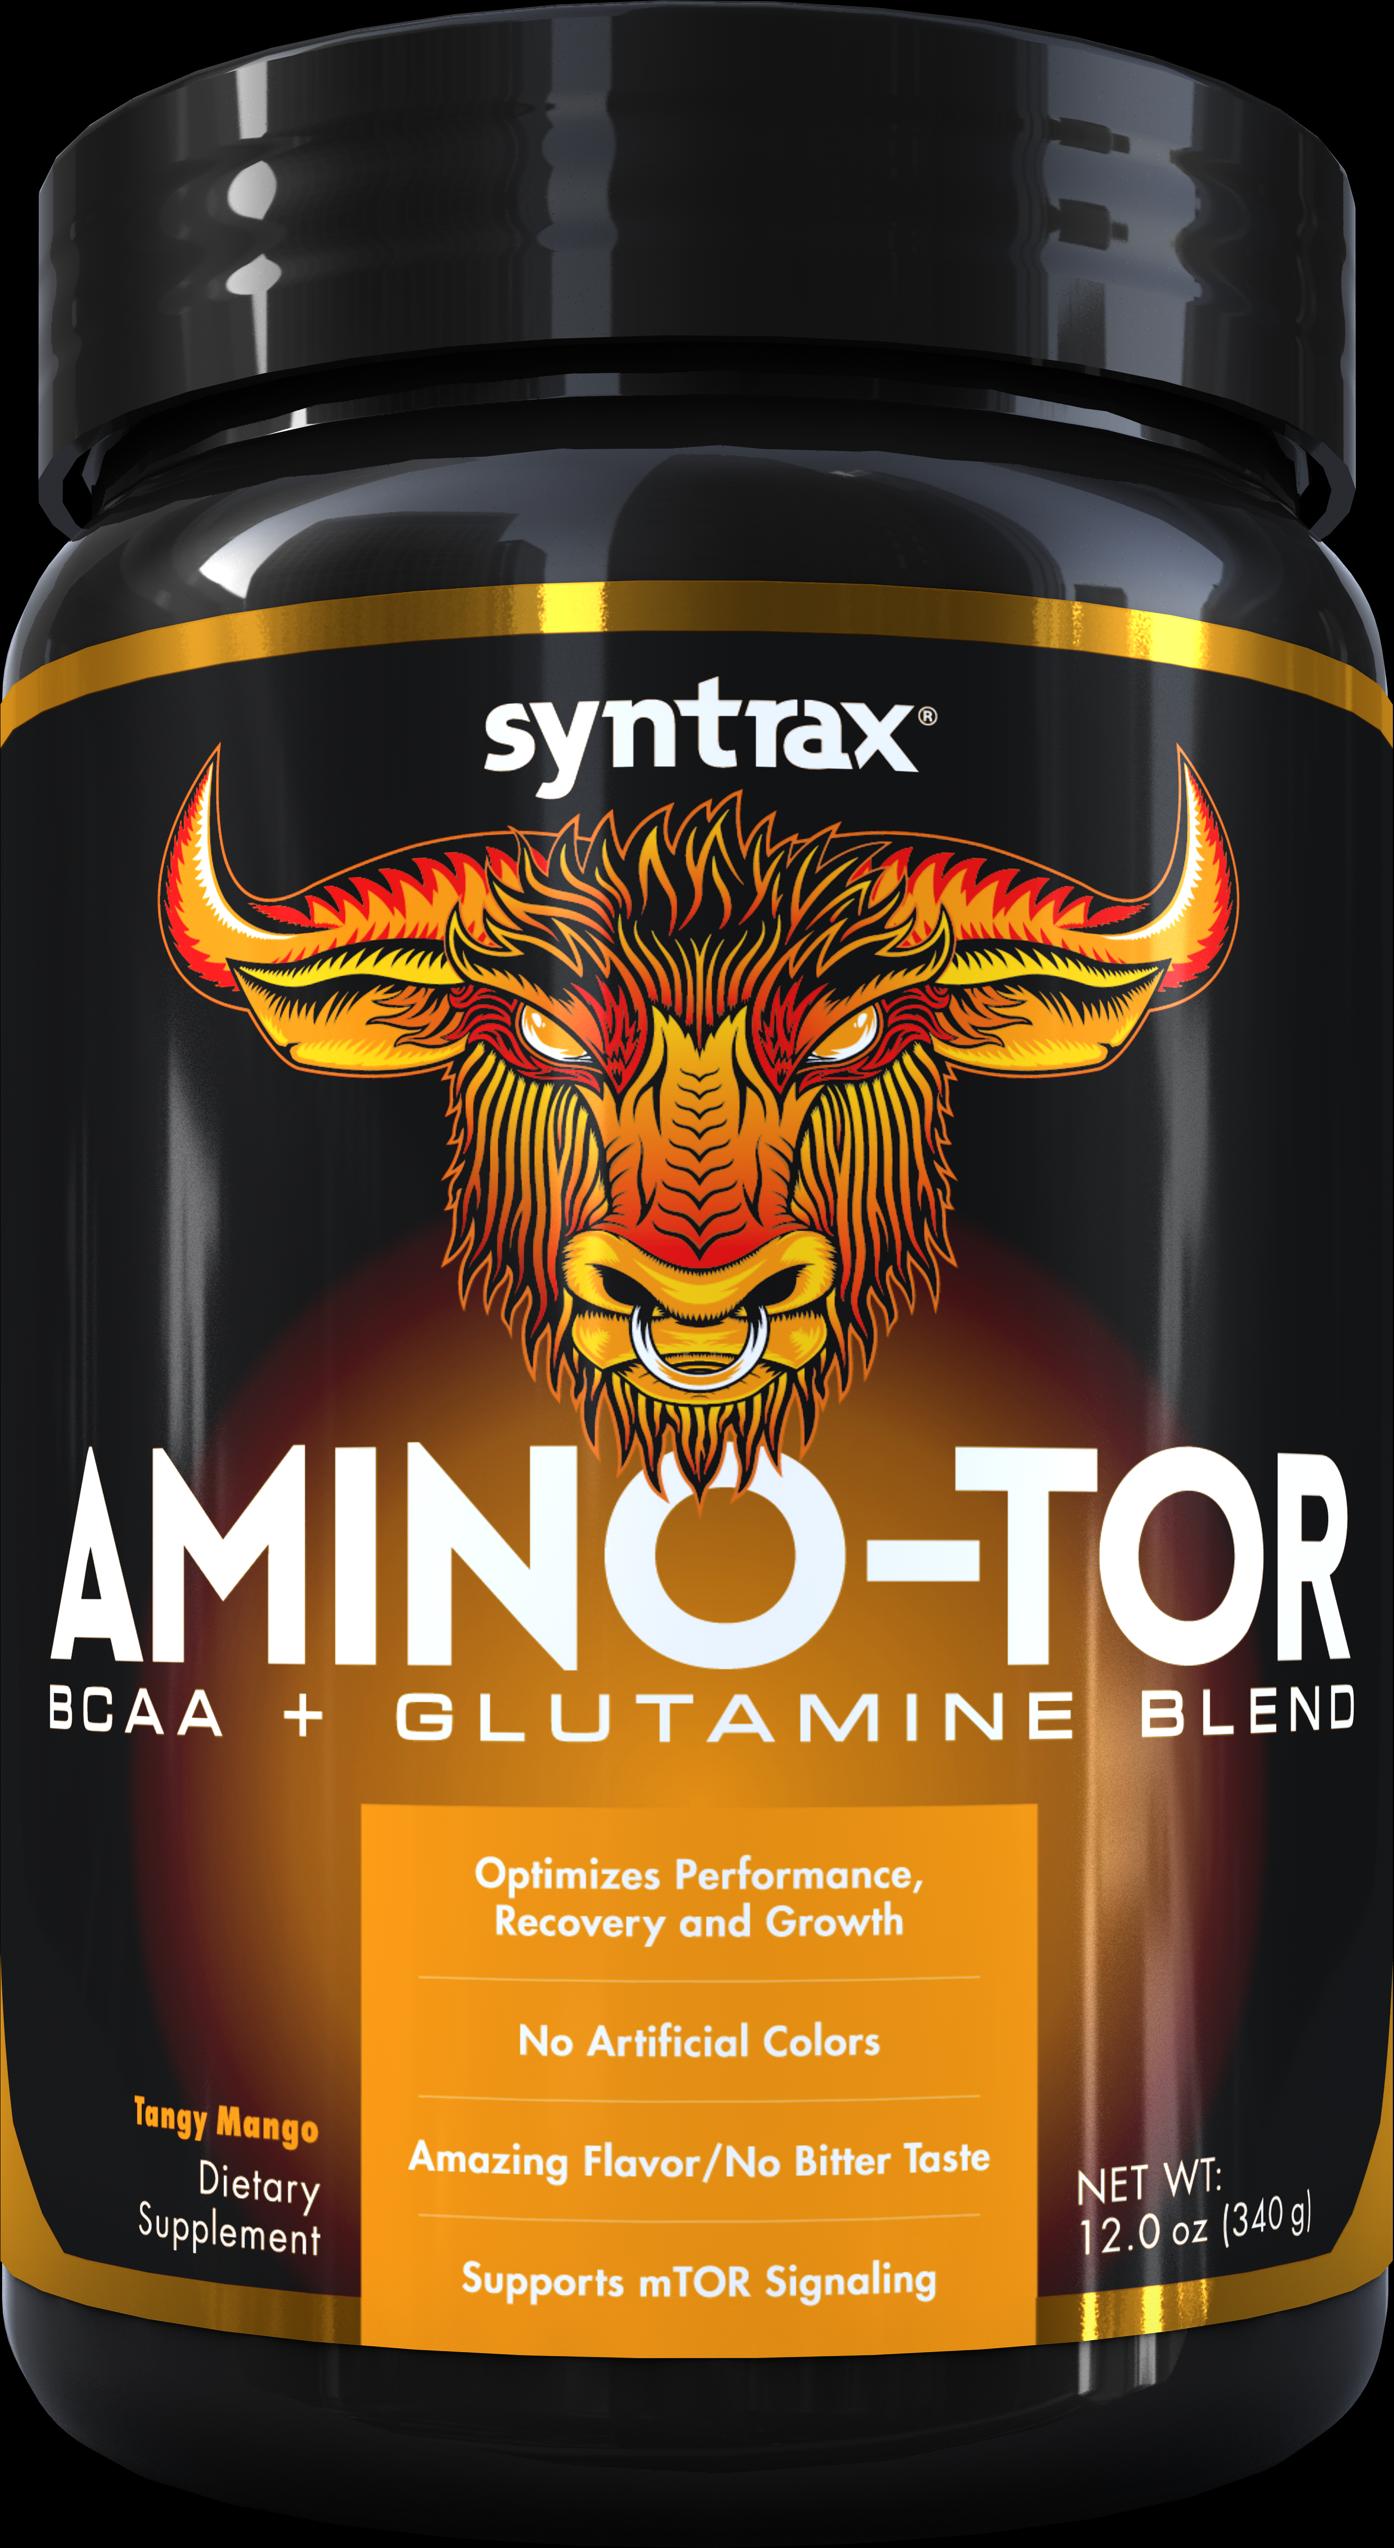 Syntrax Amino-tor - Tangy Mango 340 g